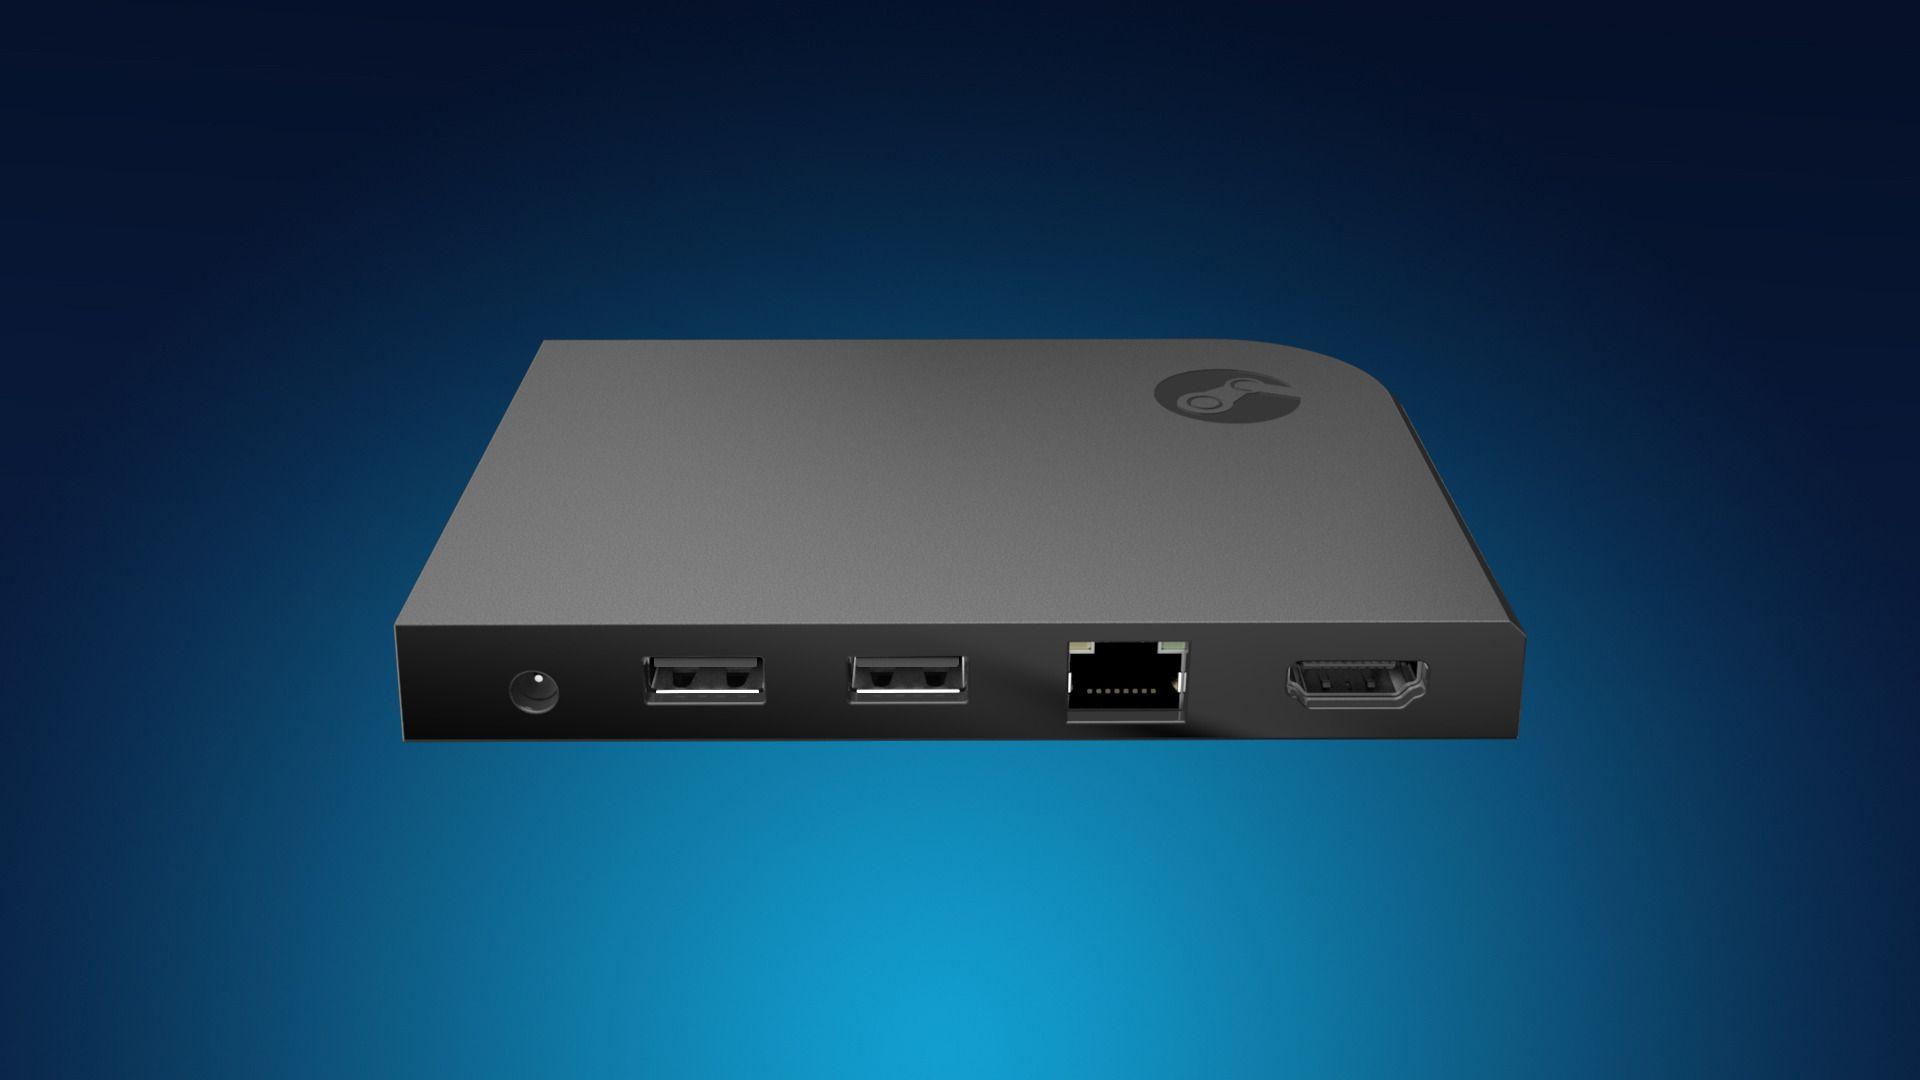 Steam Link-boksen er død, men en nyere Raspberry Pi kan visstnok ta over. Bilde: Valve